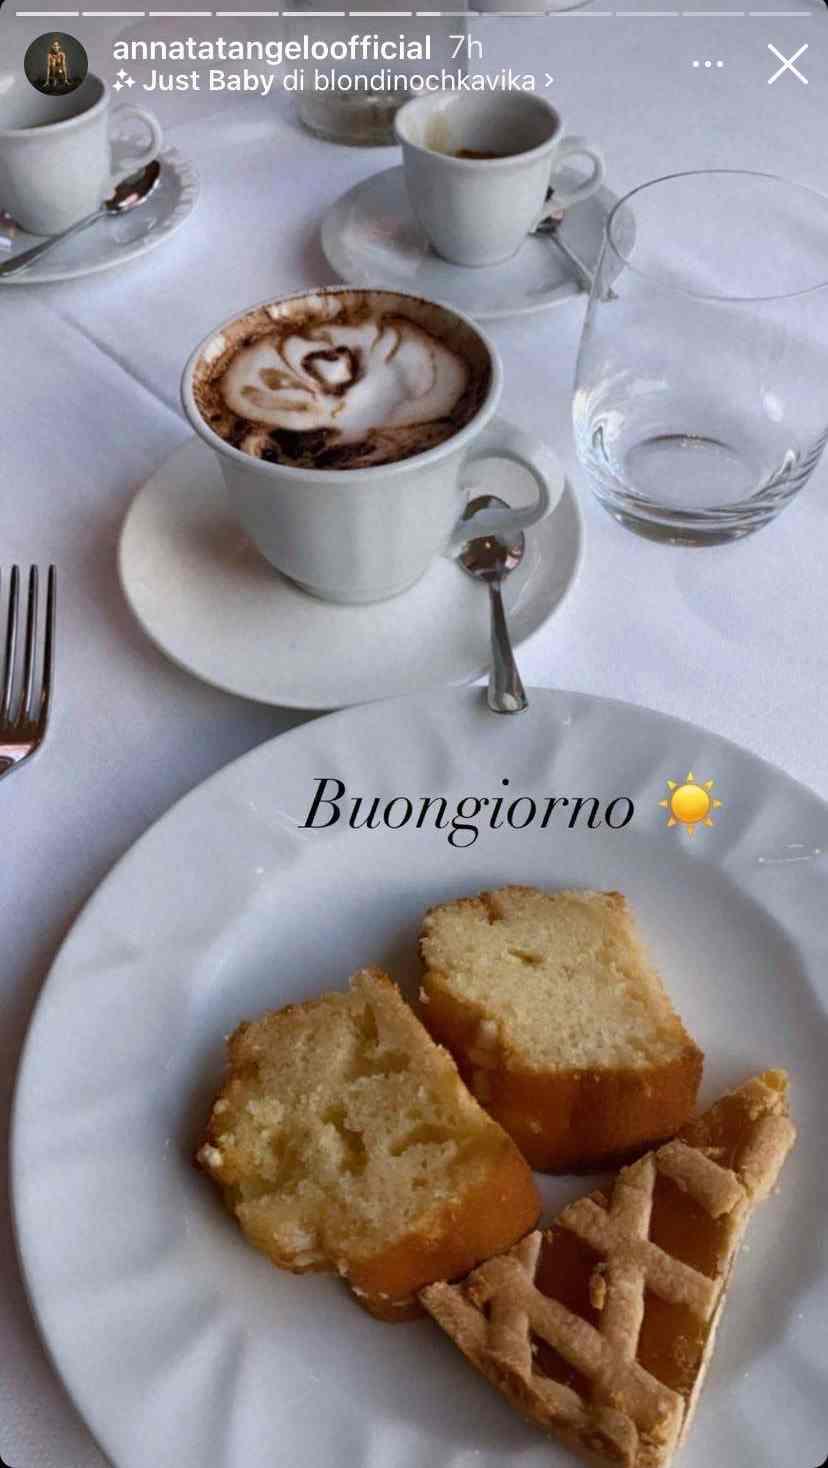 Colazione Anna Tatangelo - storie di Instagram